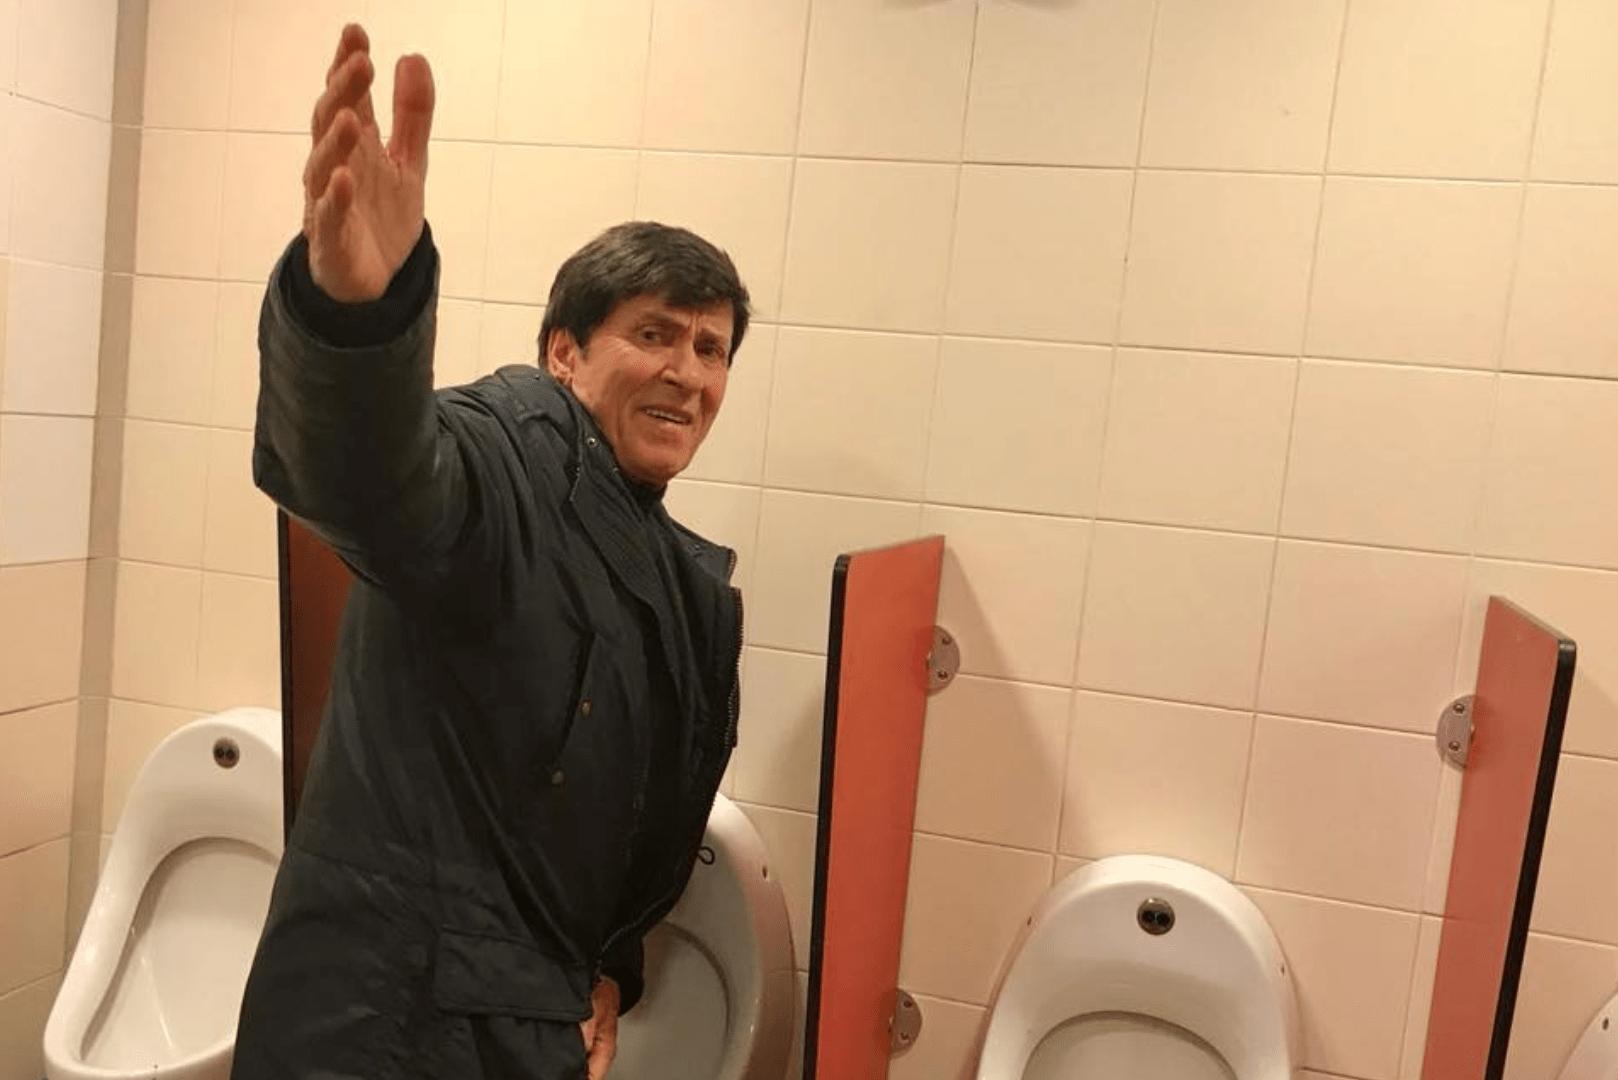 gianni morandi foto nel bagno dell'autogrill di una fan